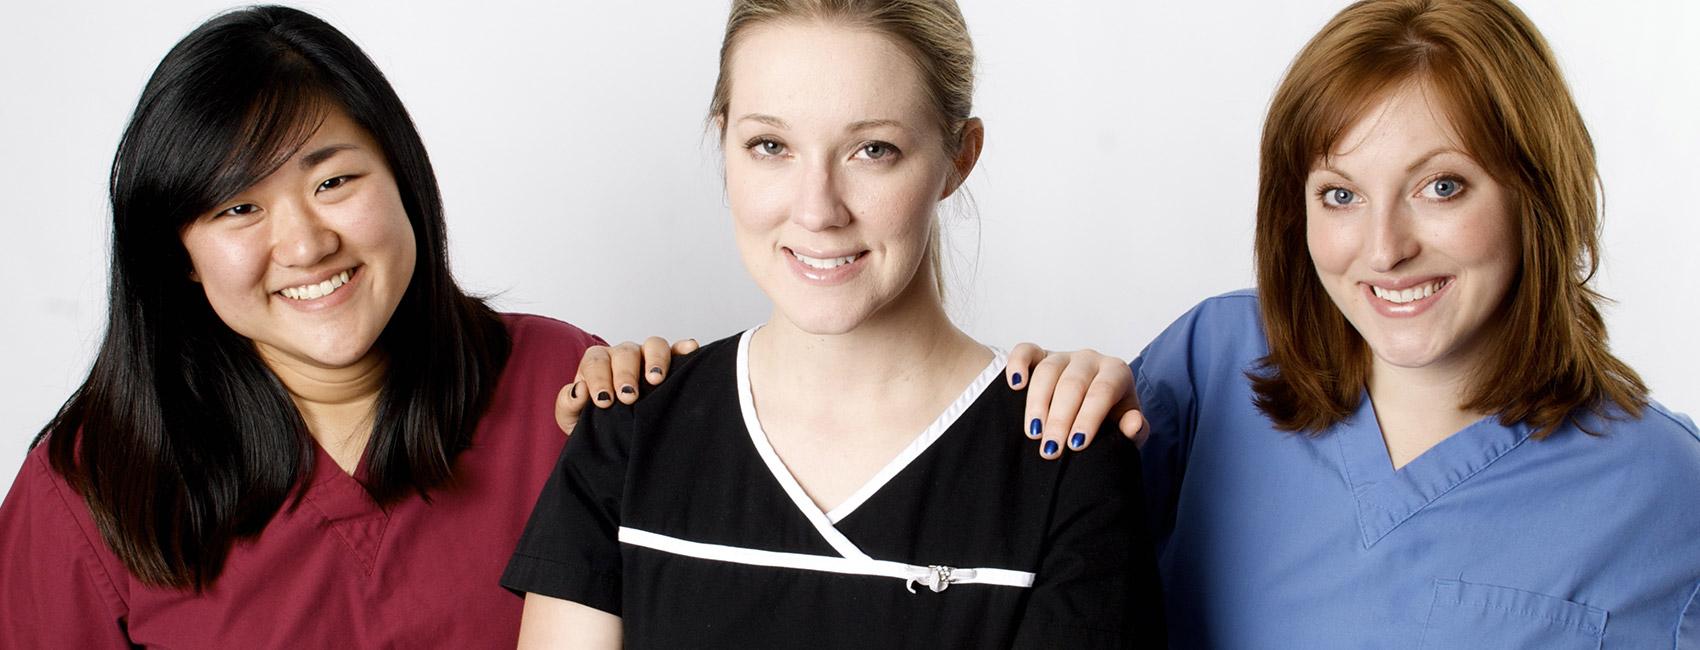 Medical Imaging Careers